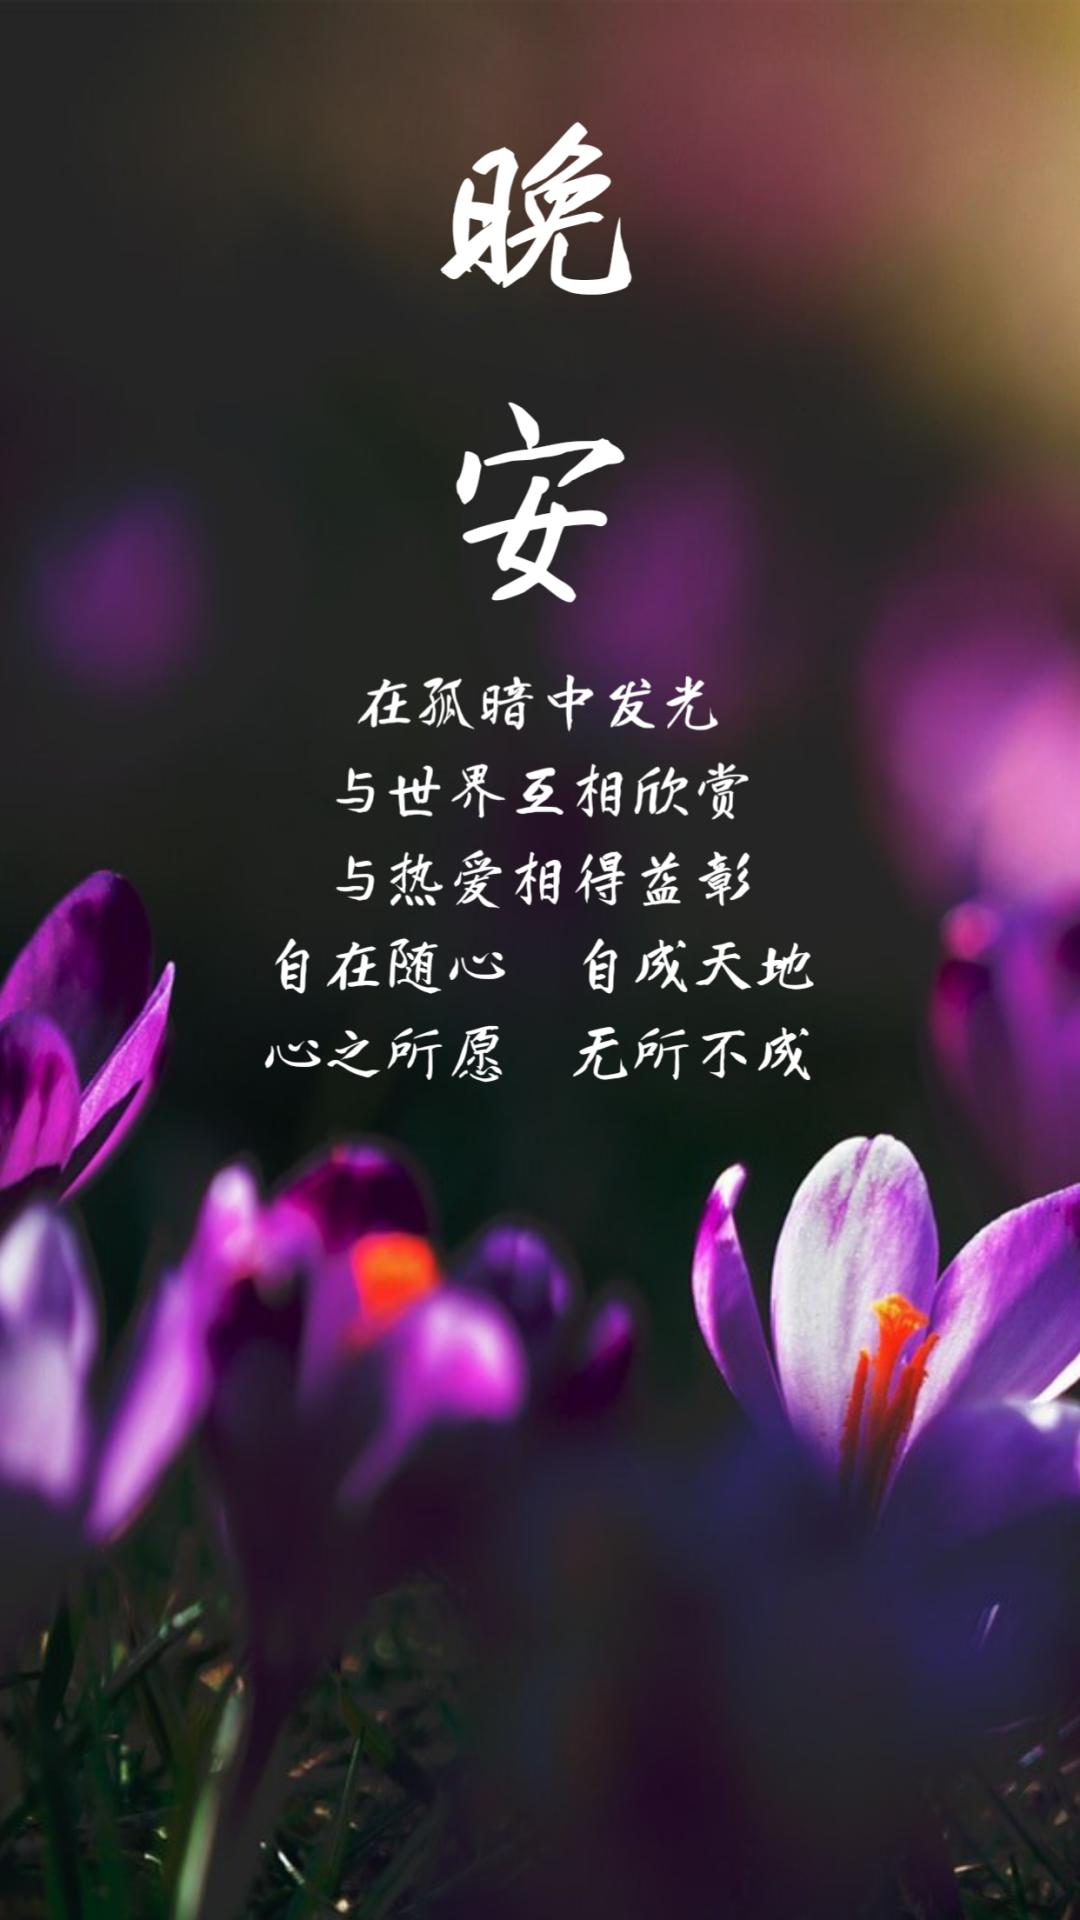 6月阳光暖心的早安心语文字,优质句子,图片精美